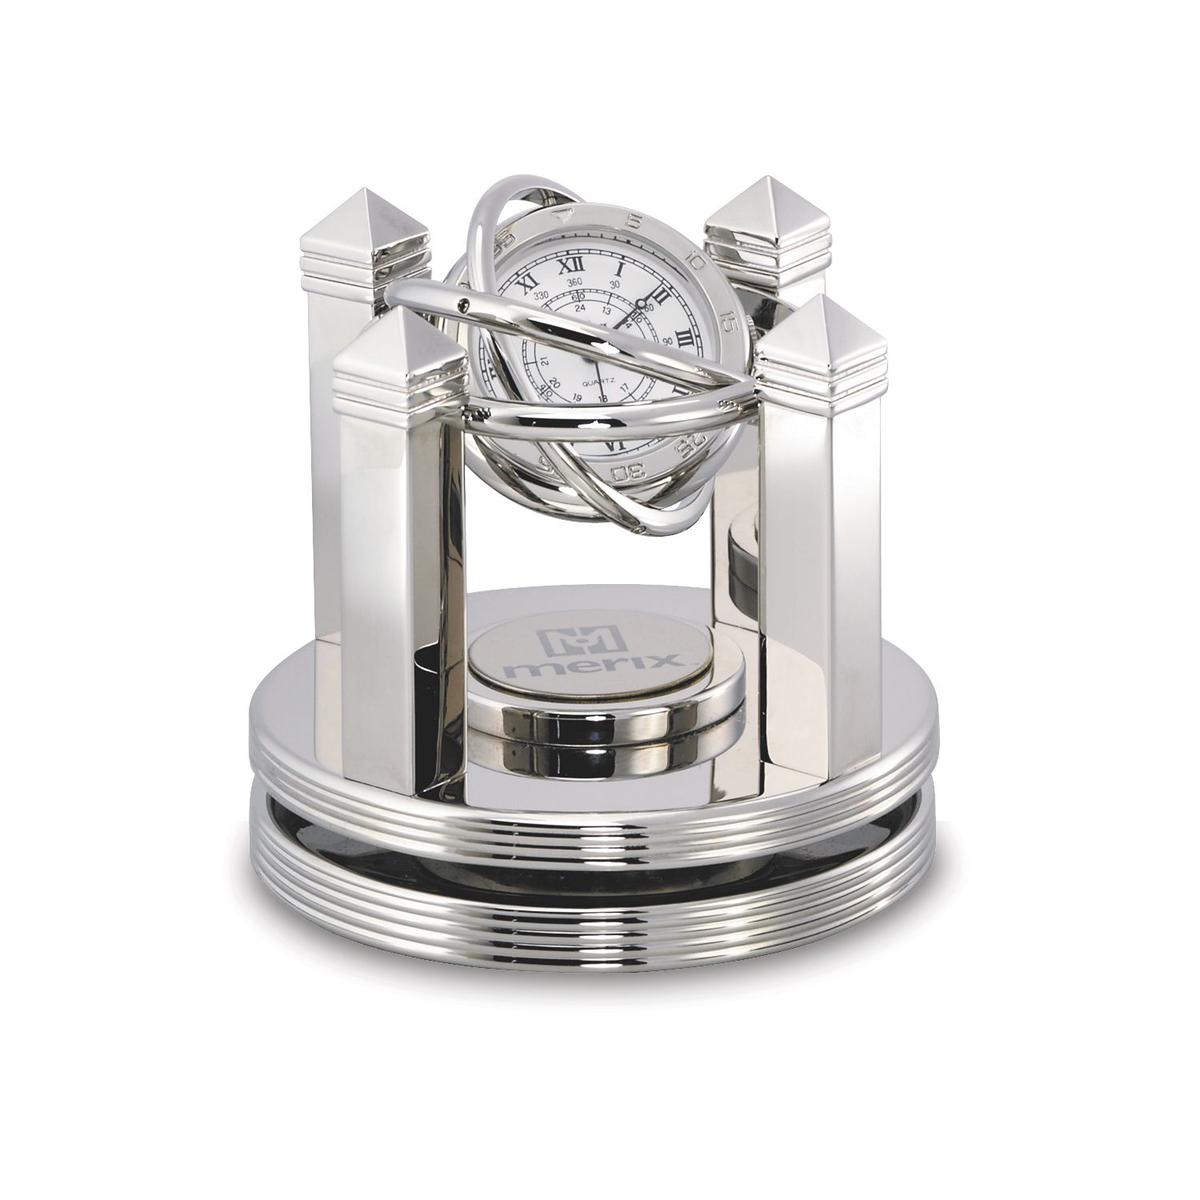 Celestial Silver Gimbal Clock